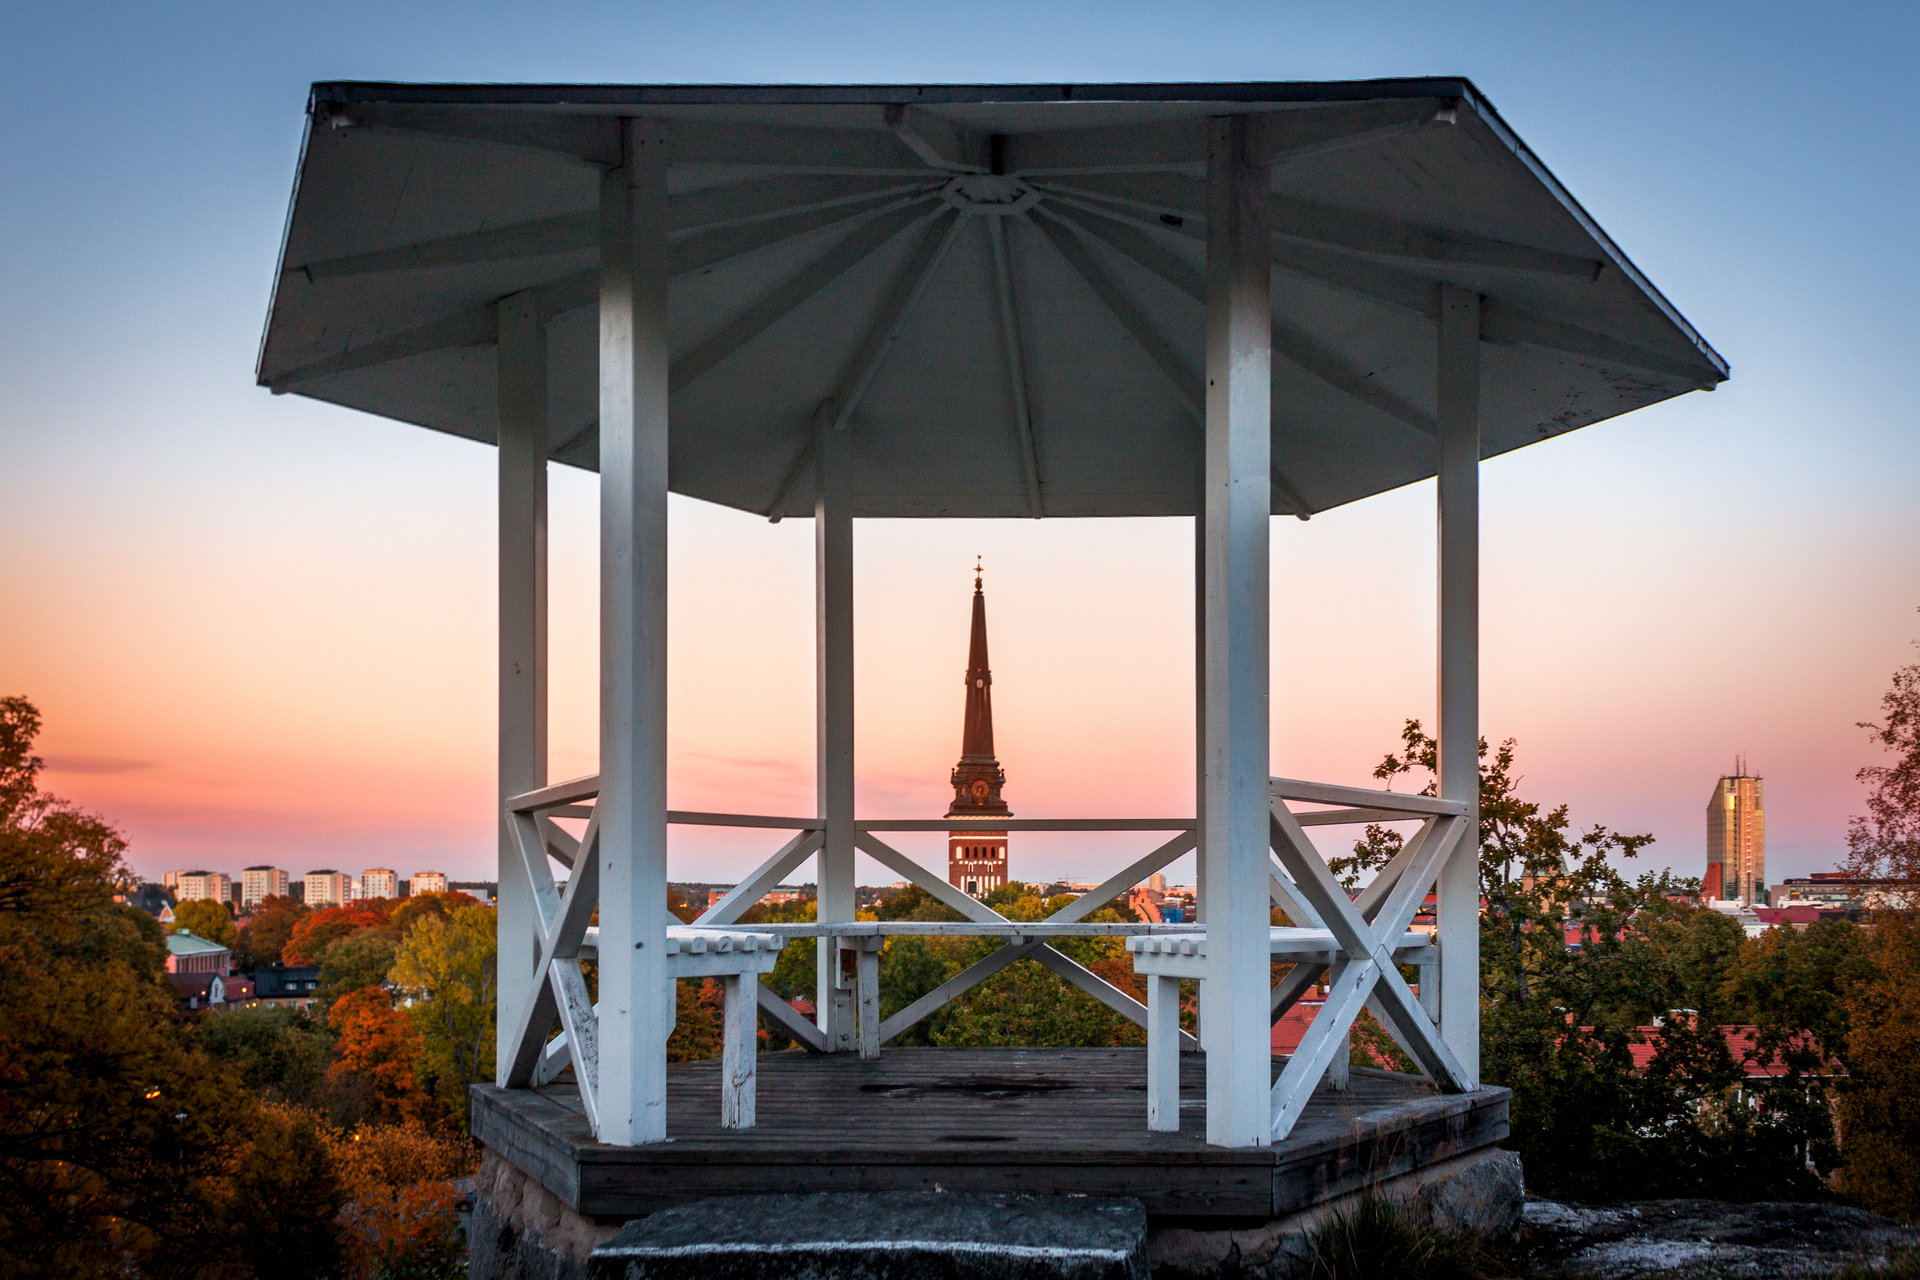 Lusthus på Djäkneberget i Västerås. Fotograf: Avig Photo